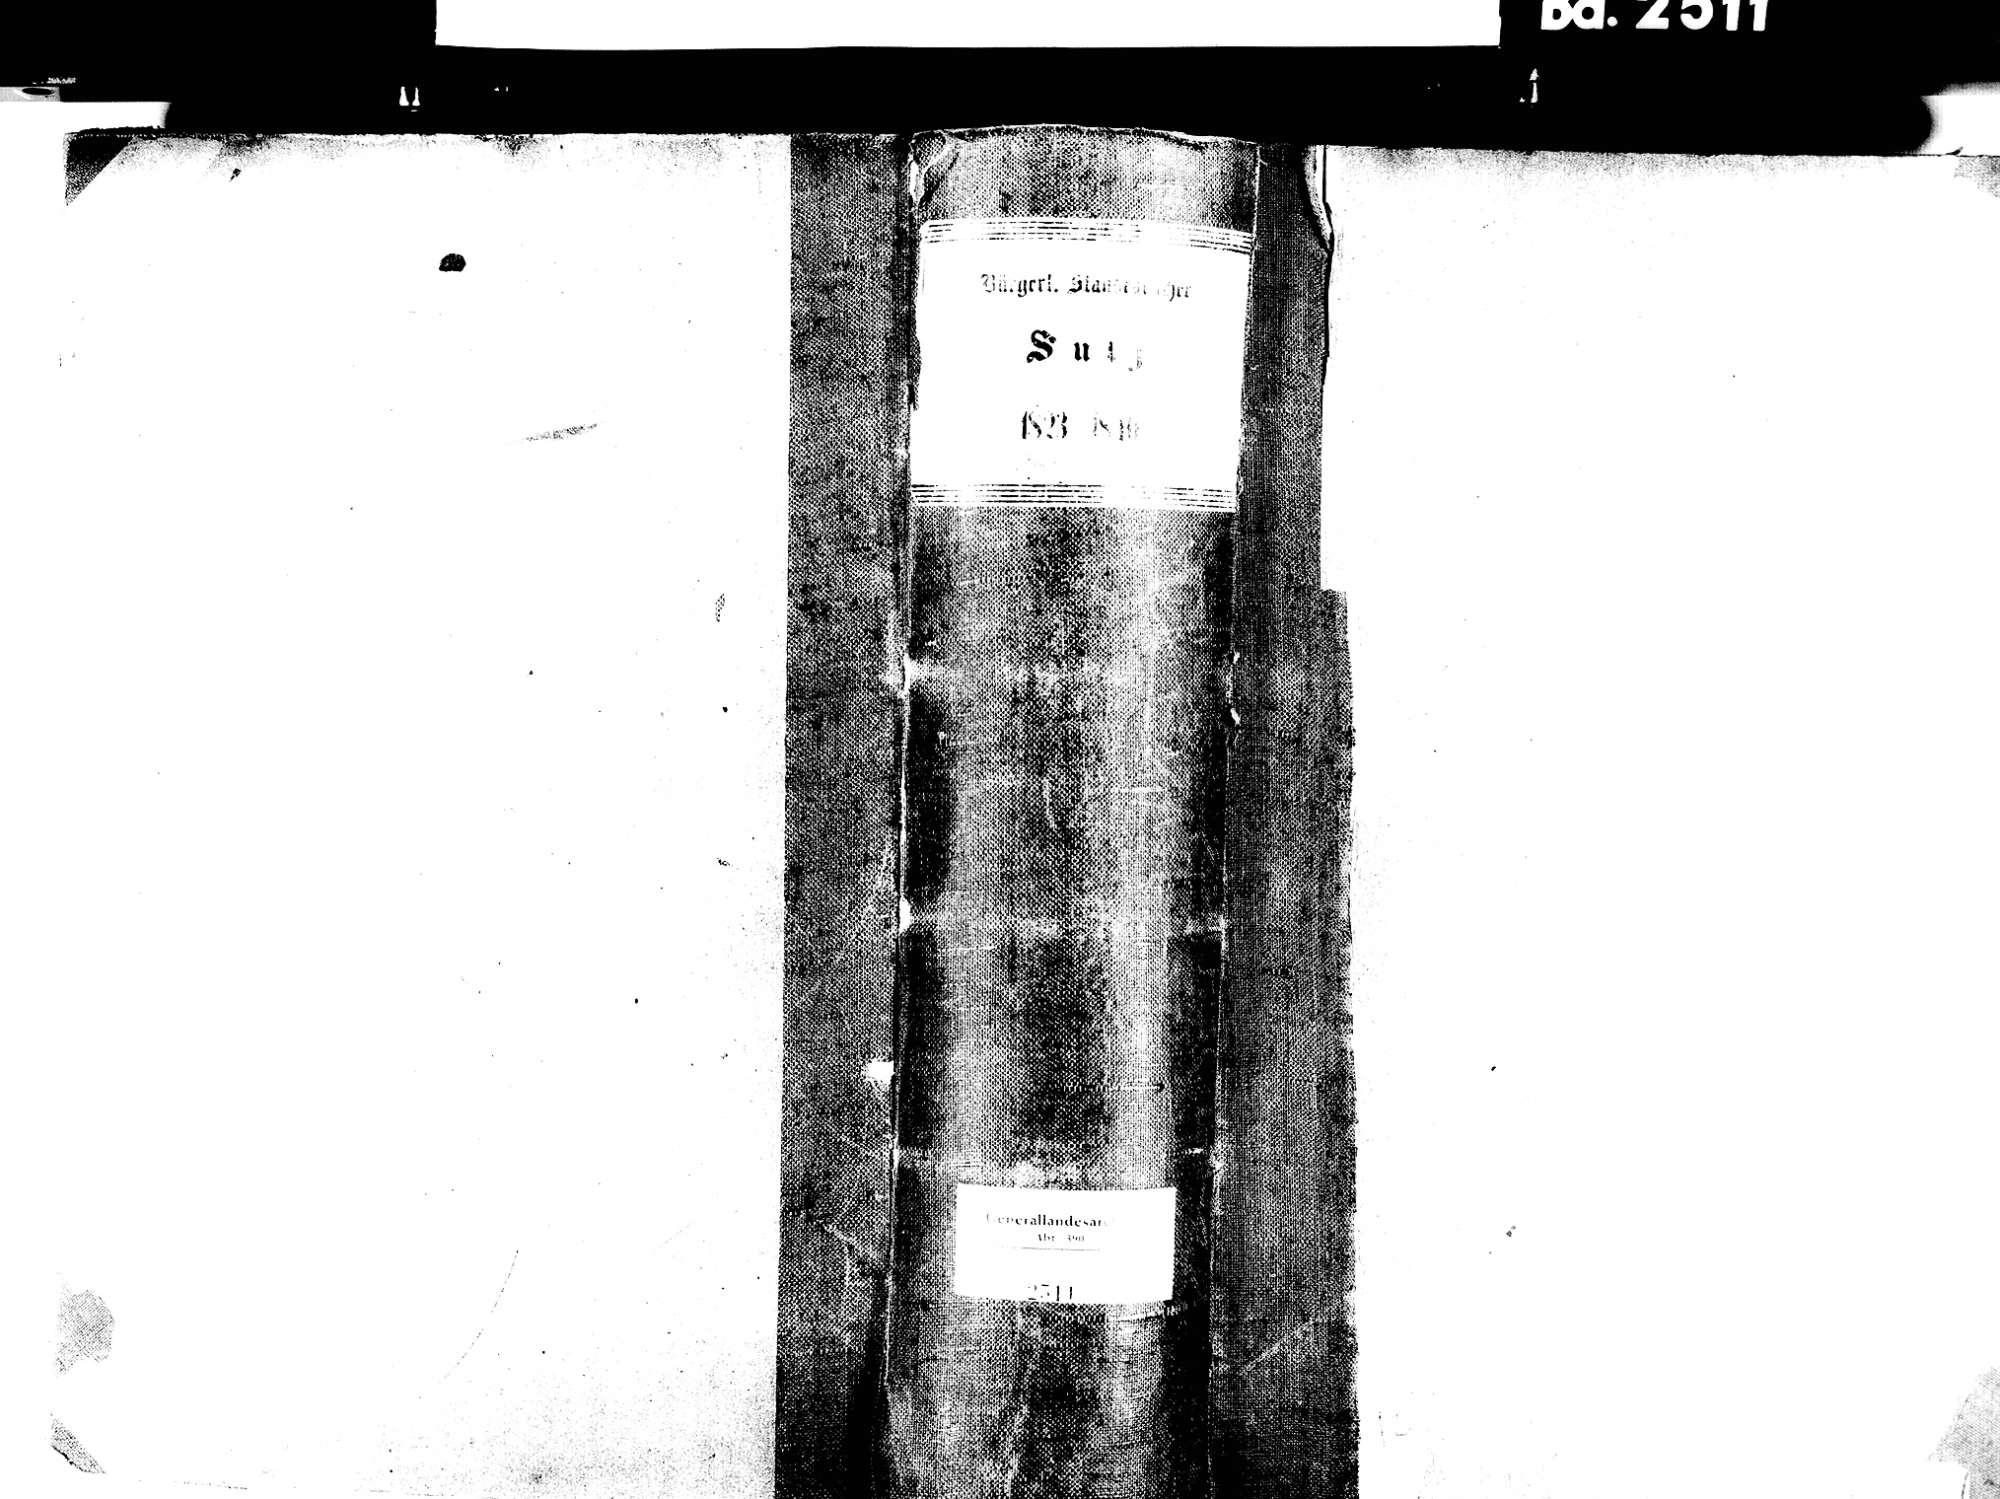 Sulz, Lahr im Schwarzwald OG; Evangelische Gemeinde: Standesbuch 1823-1840 Sulz, Lahr im Schwarzwald OG; Katholische Gemeinde: Standesbuch 1823-1840, Bild 1